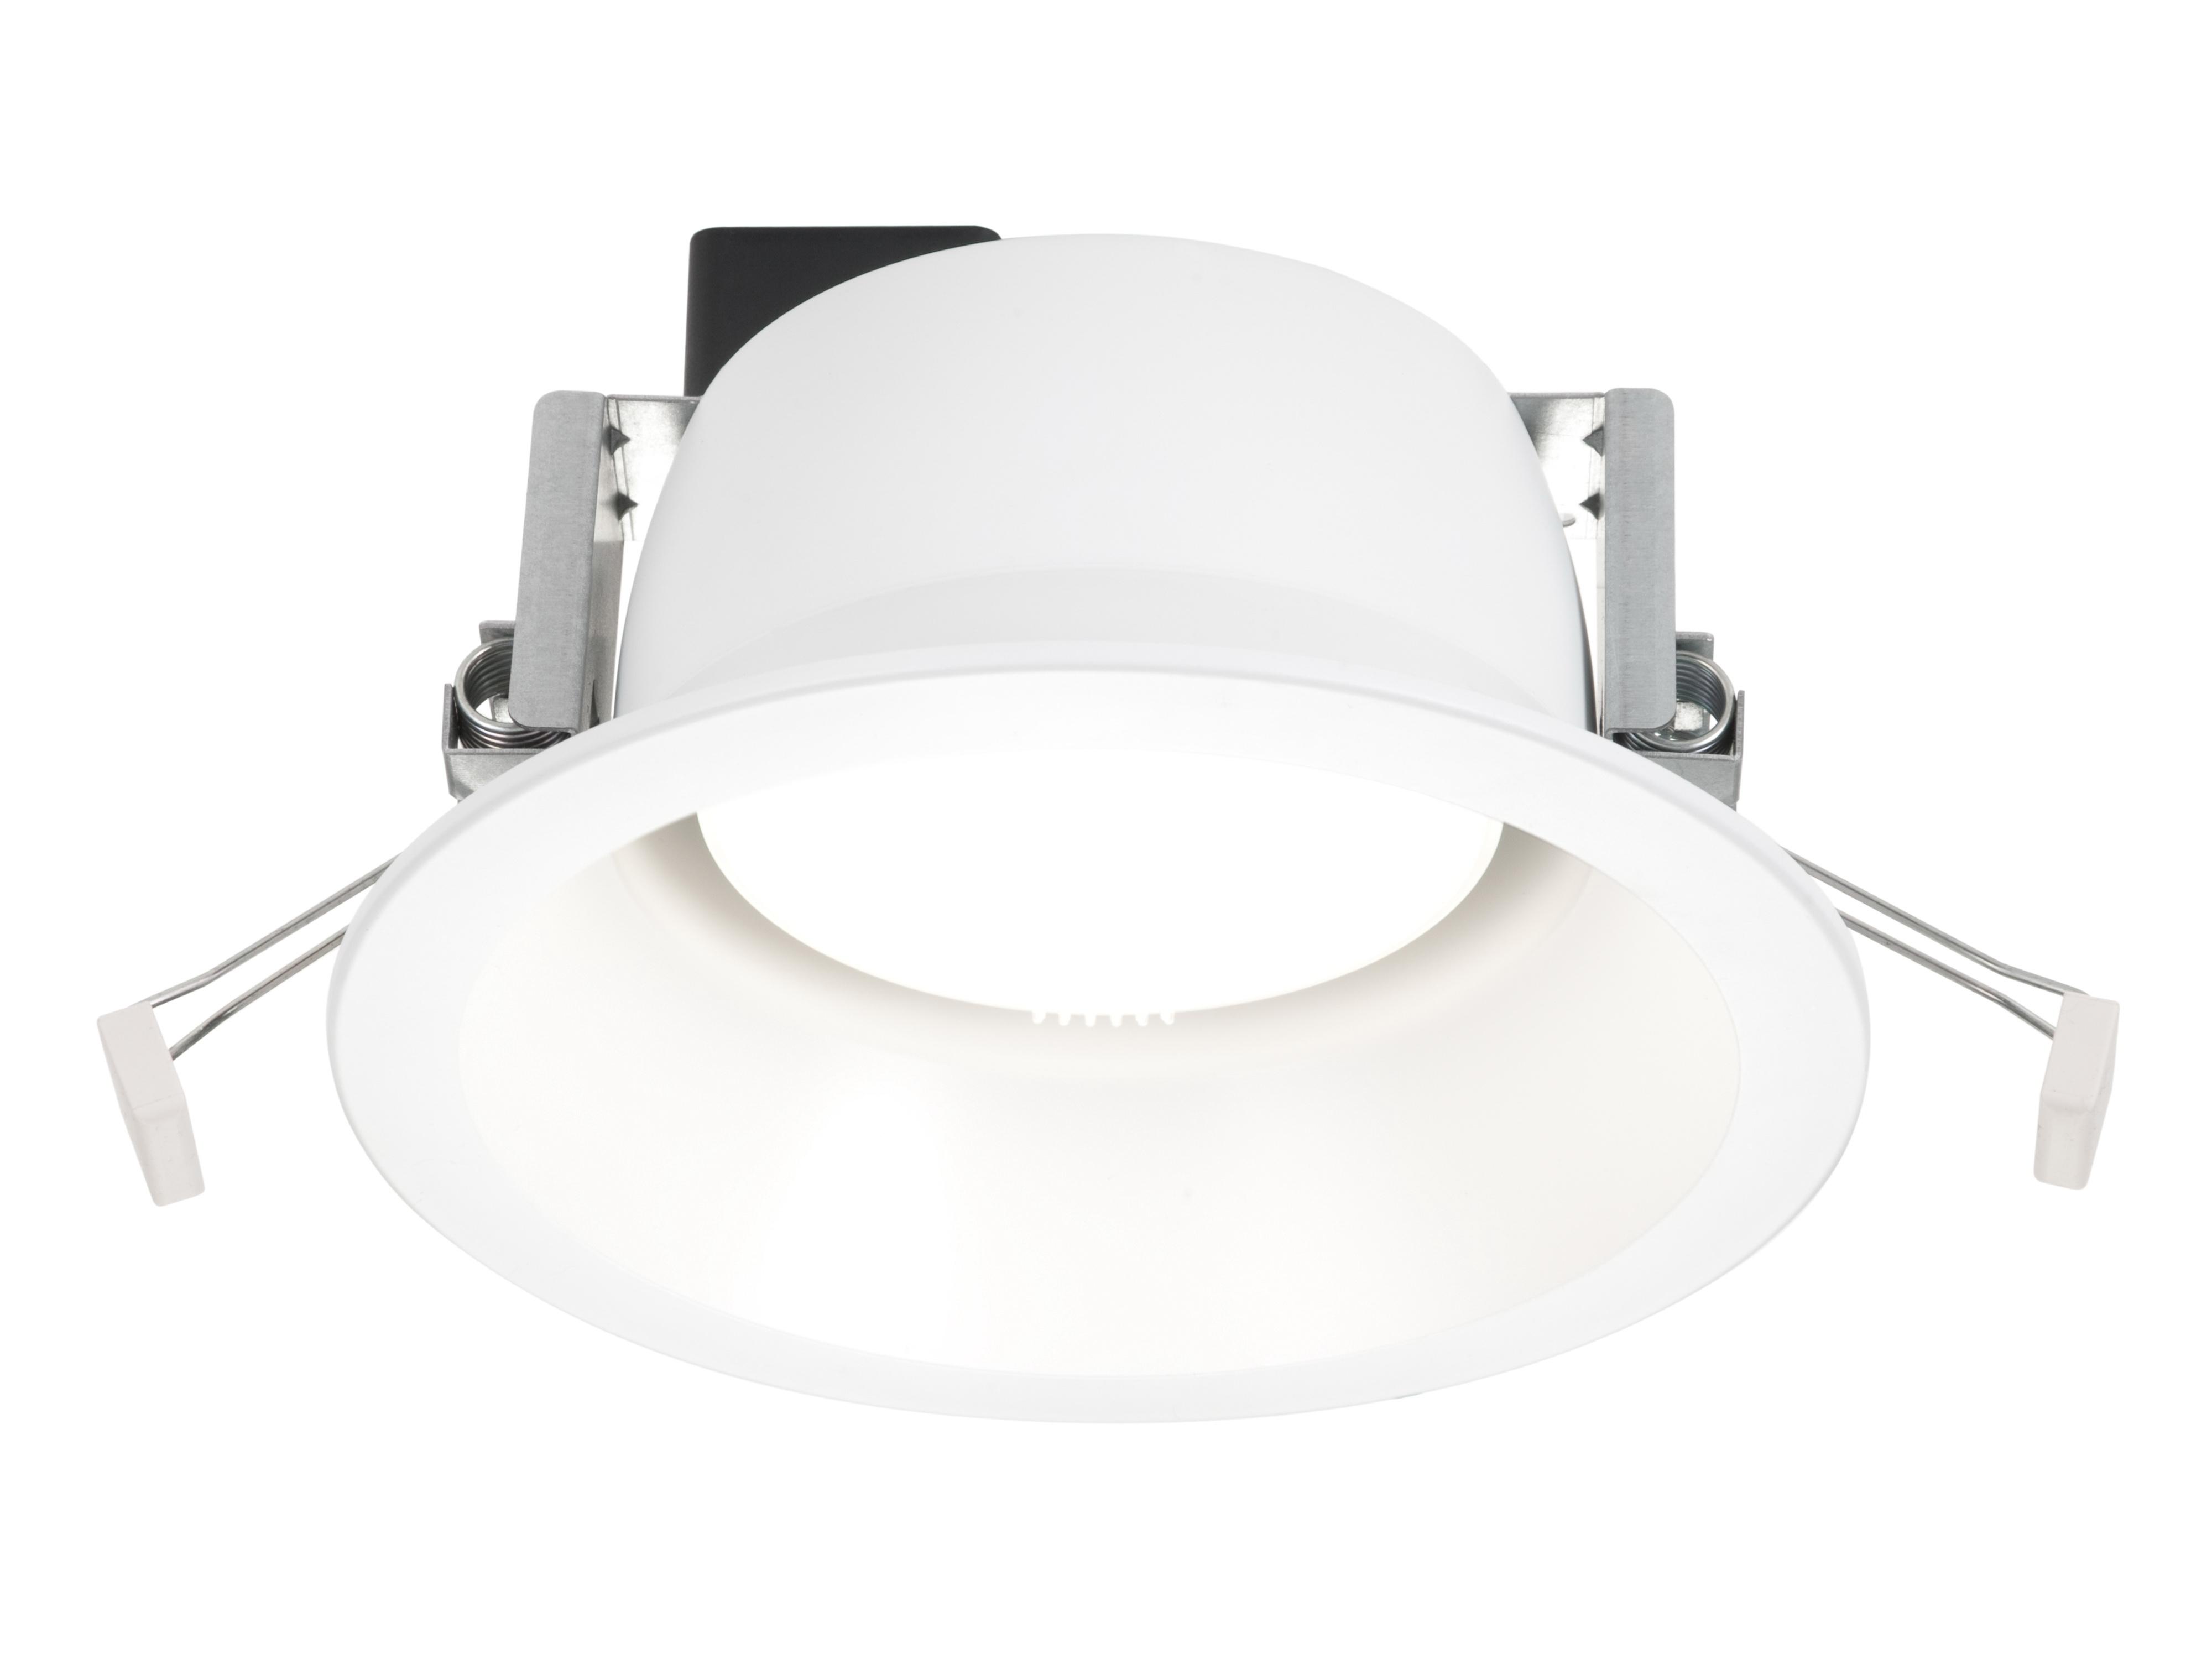 Toshiba LEDEUD00111S27 Interno Recessed lighting spot GX53 6.9W Bianco faretto di illuminazione